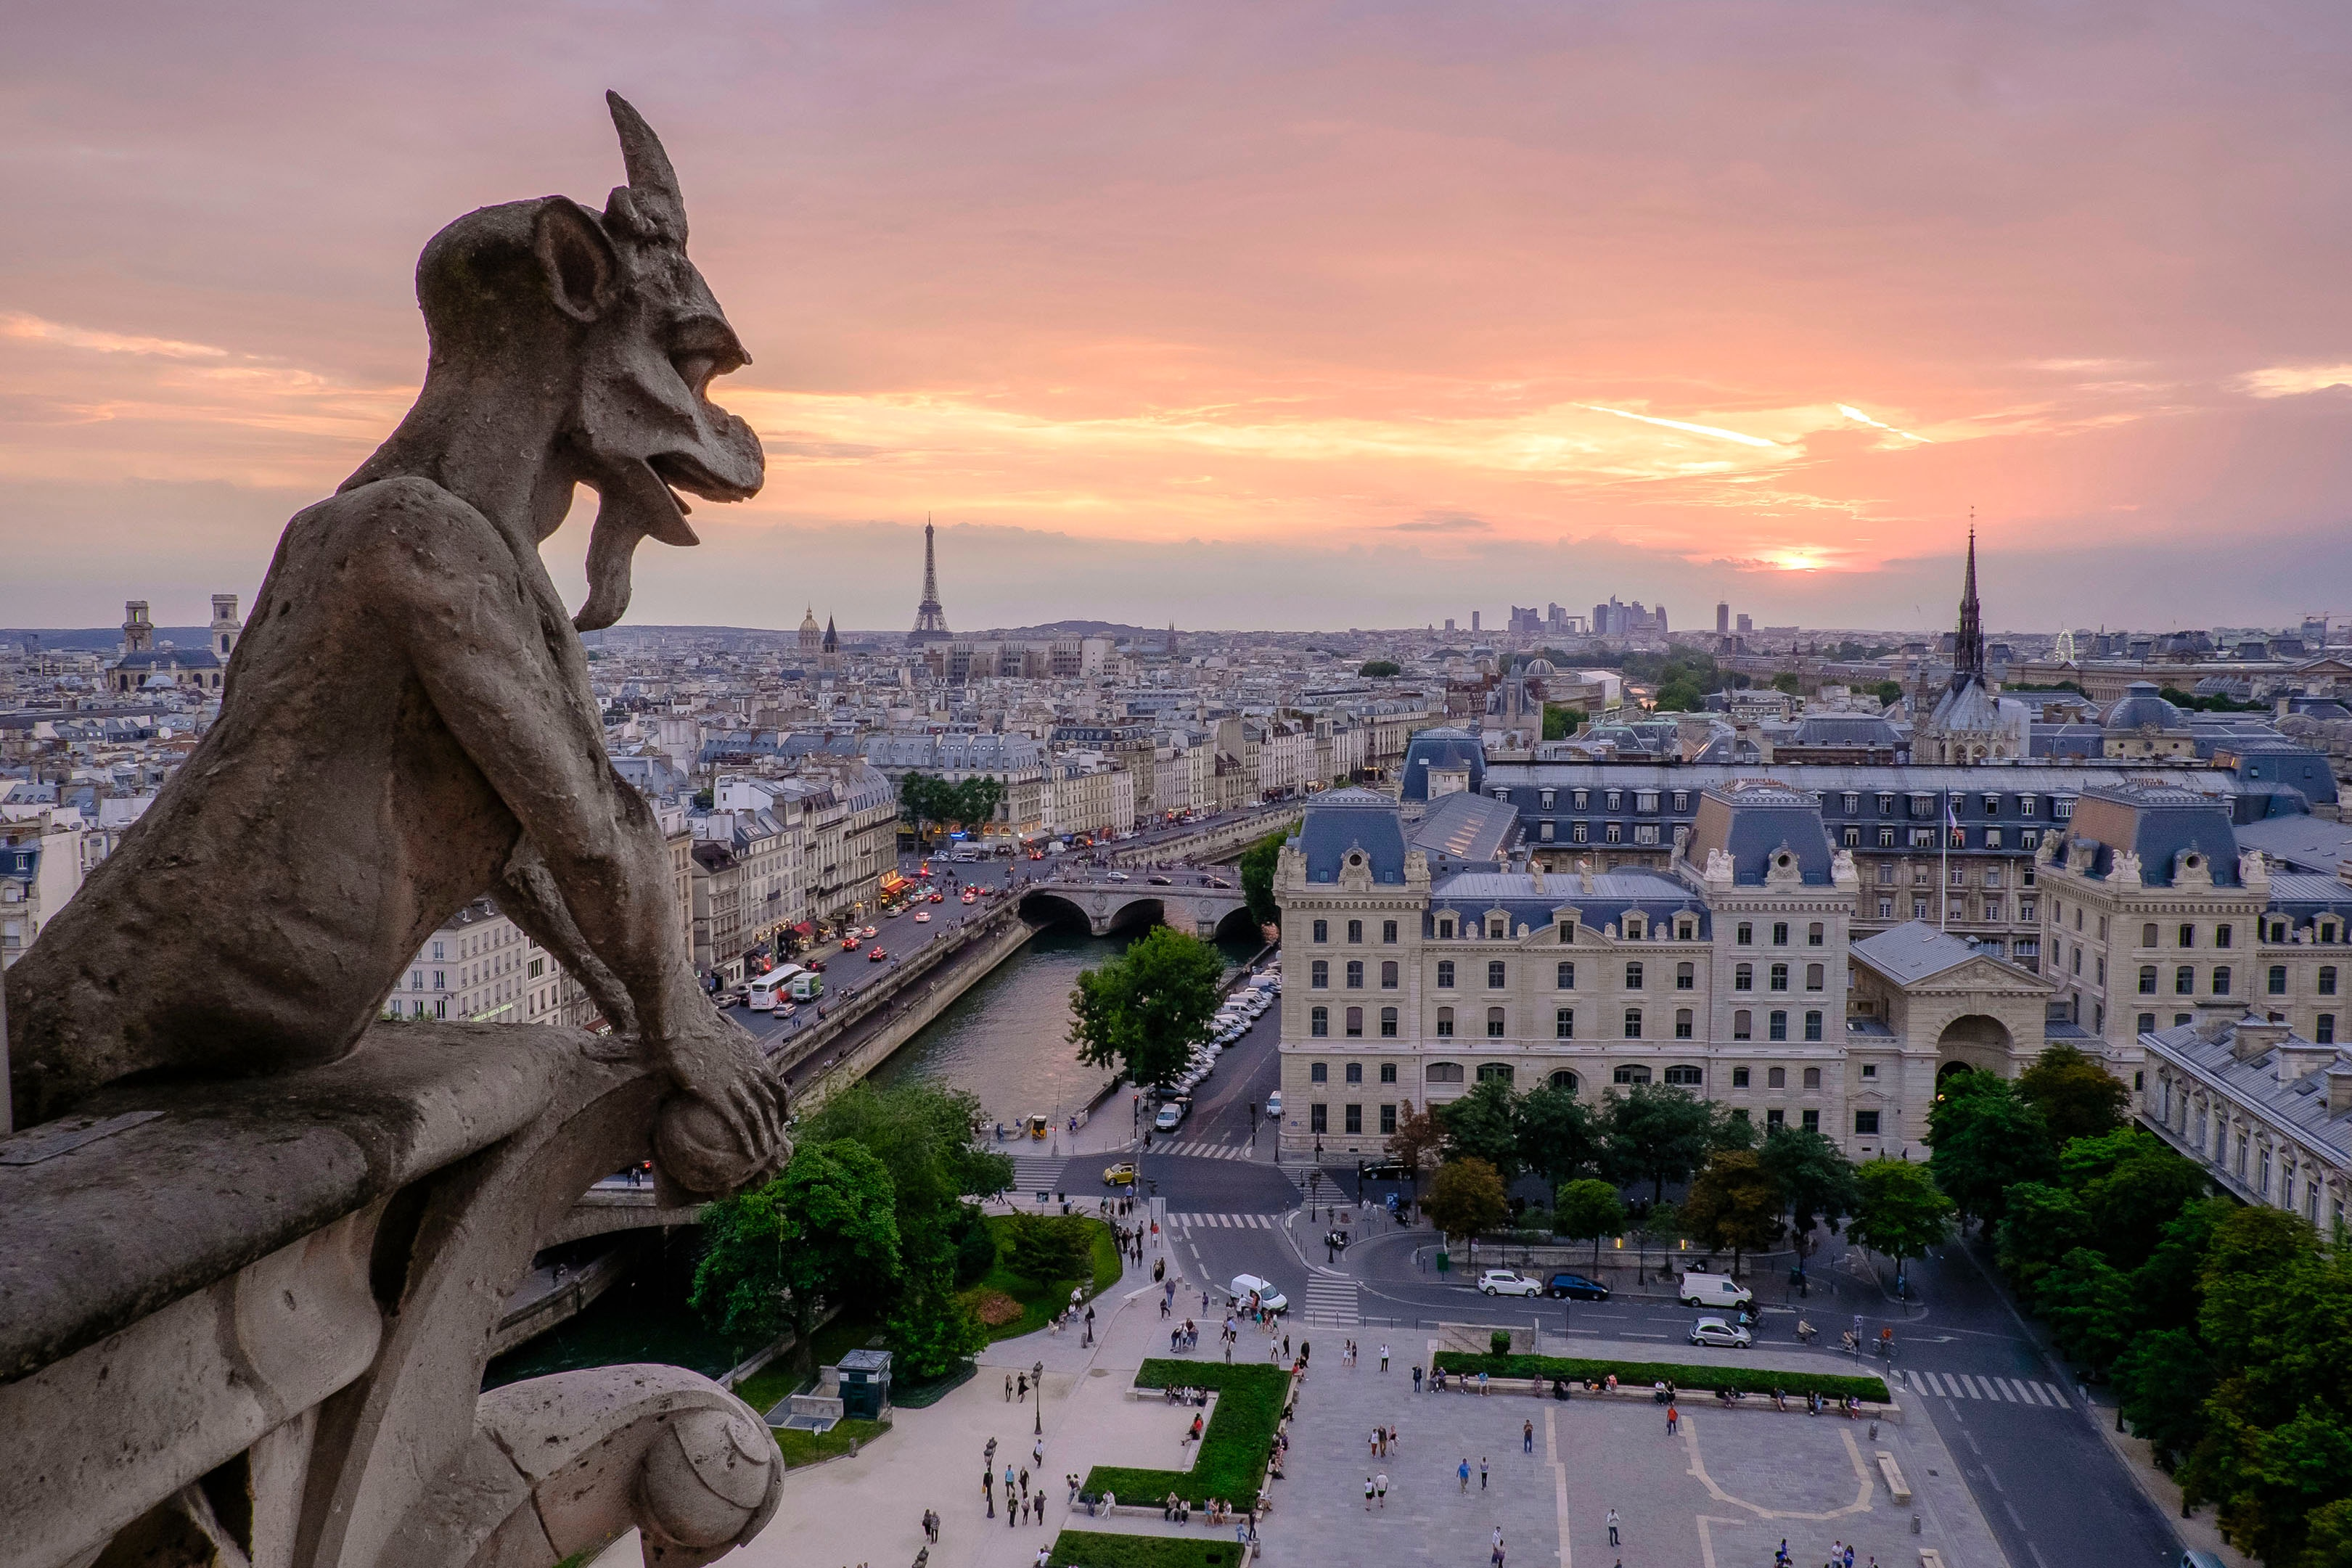 Chimaira, mytologisk hybrid mellan lejon och get som blickar ut över Paris. Foto: Pedro Lastra via Unsplash